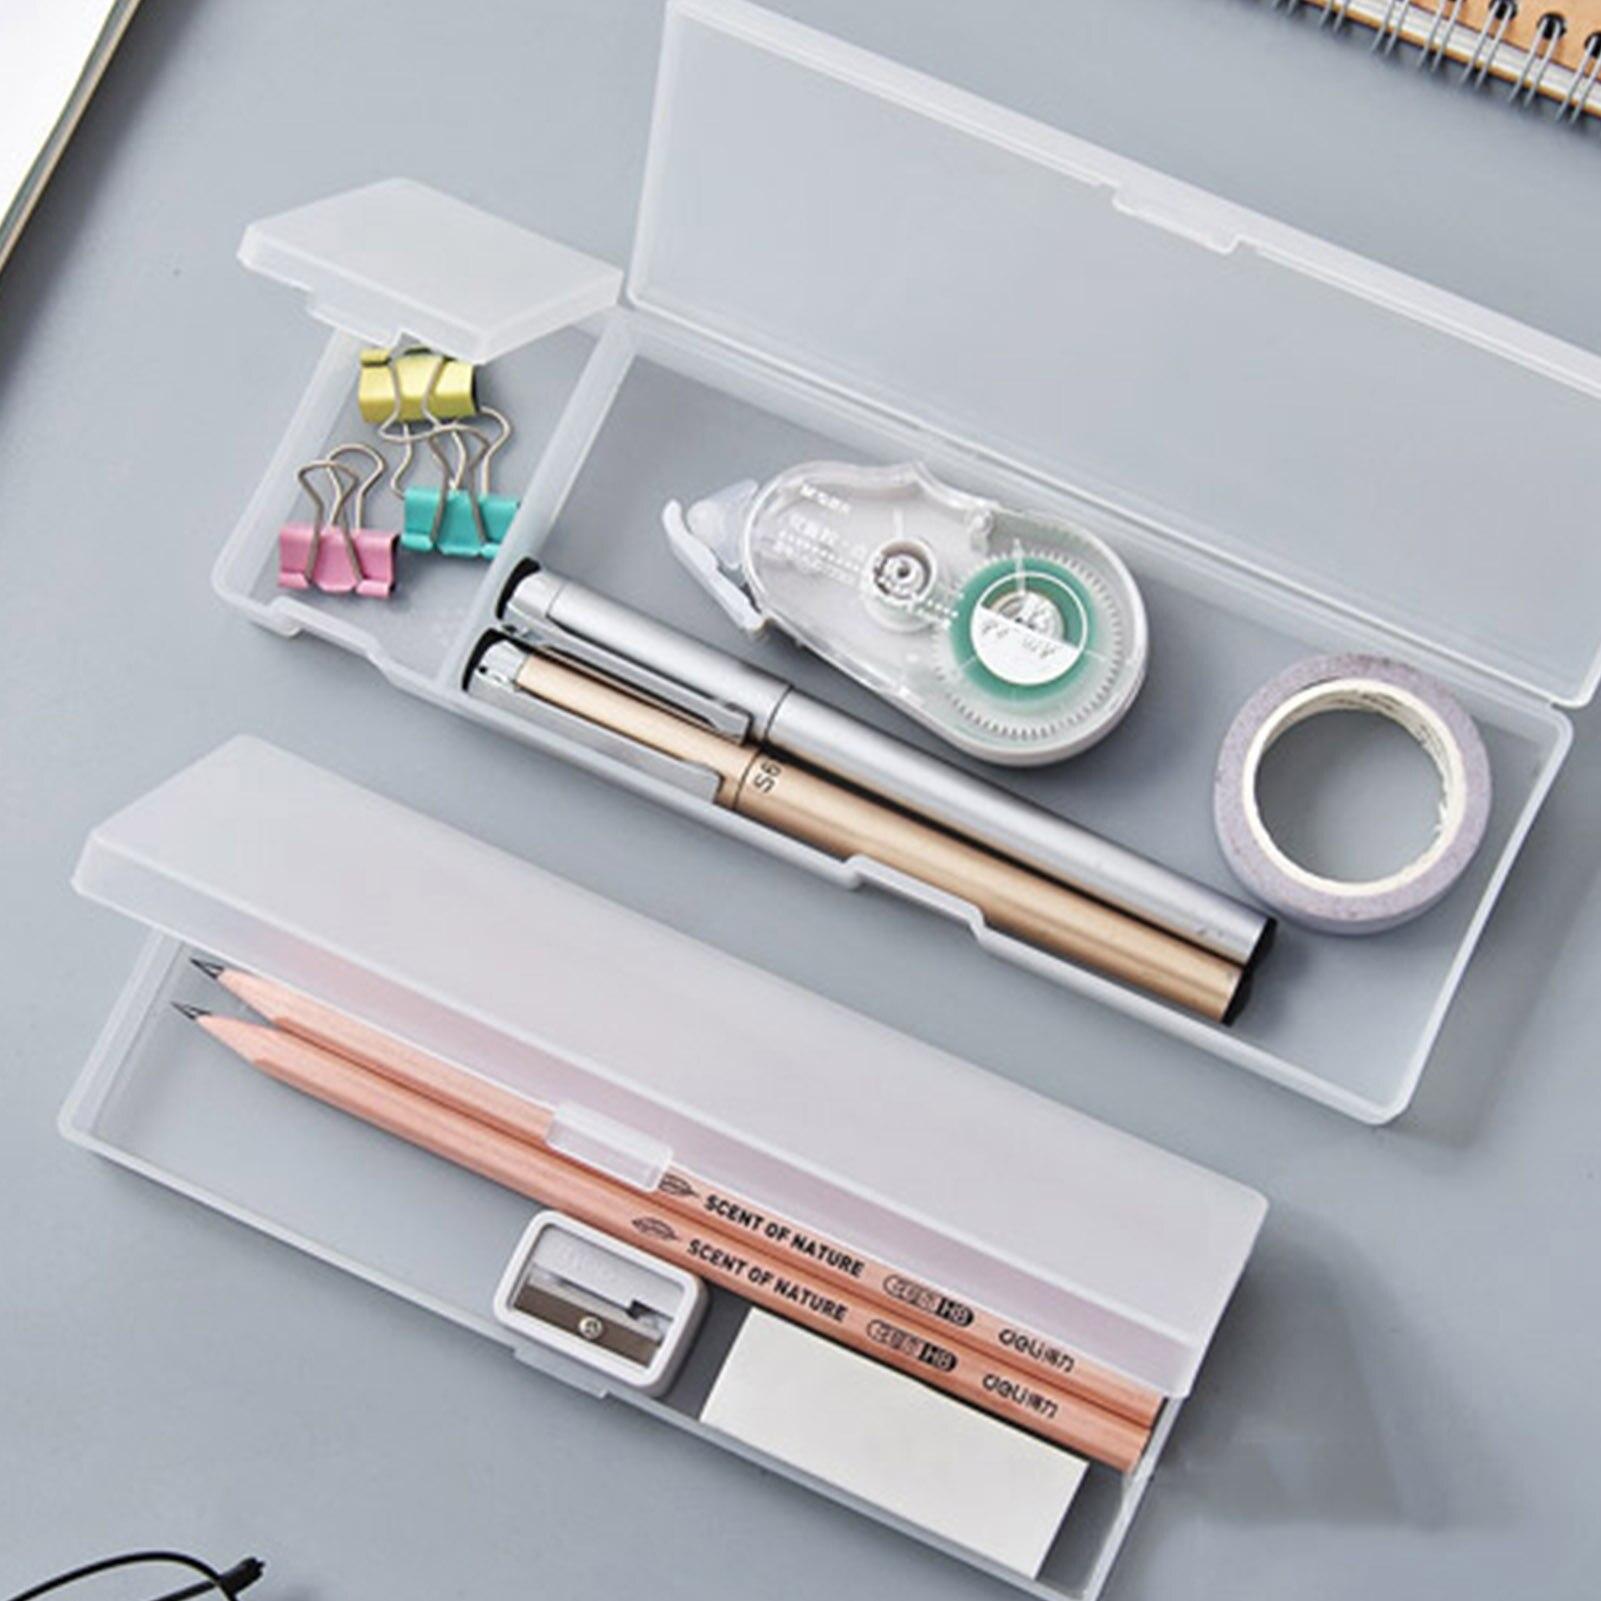 Пластиковый Чехол для карандашей, современный простой чехол для канцелярских принадлежностей, пенал для карандашей, ручек, буровых сверл, р...